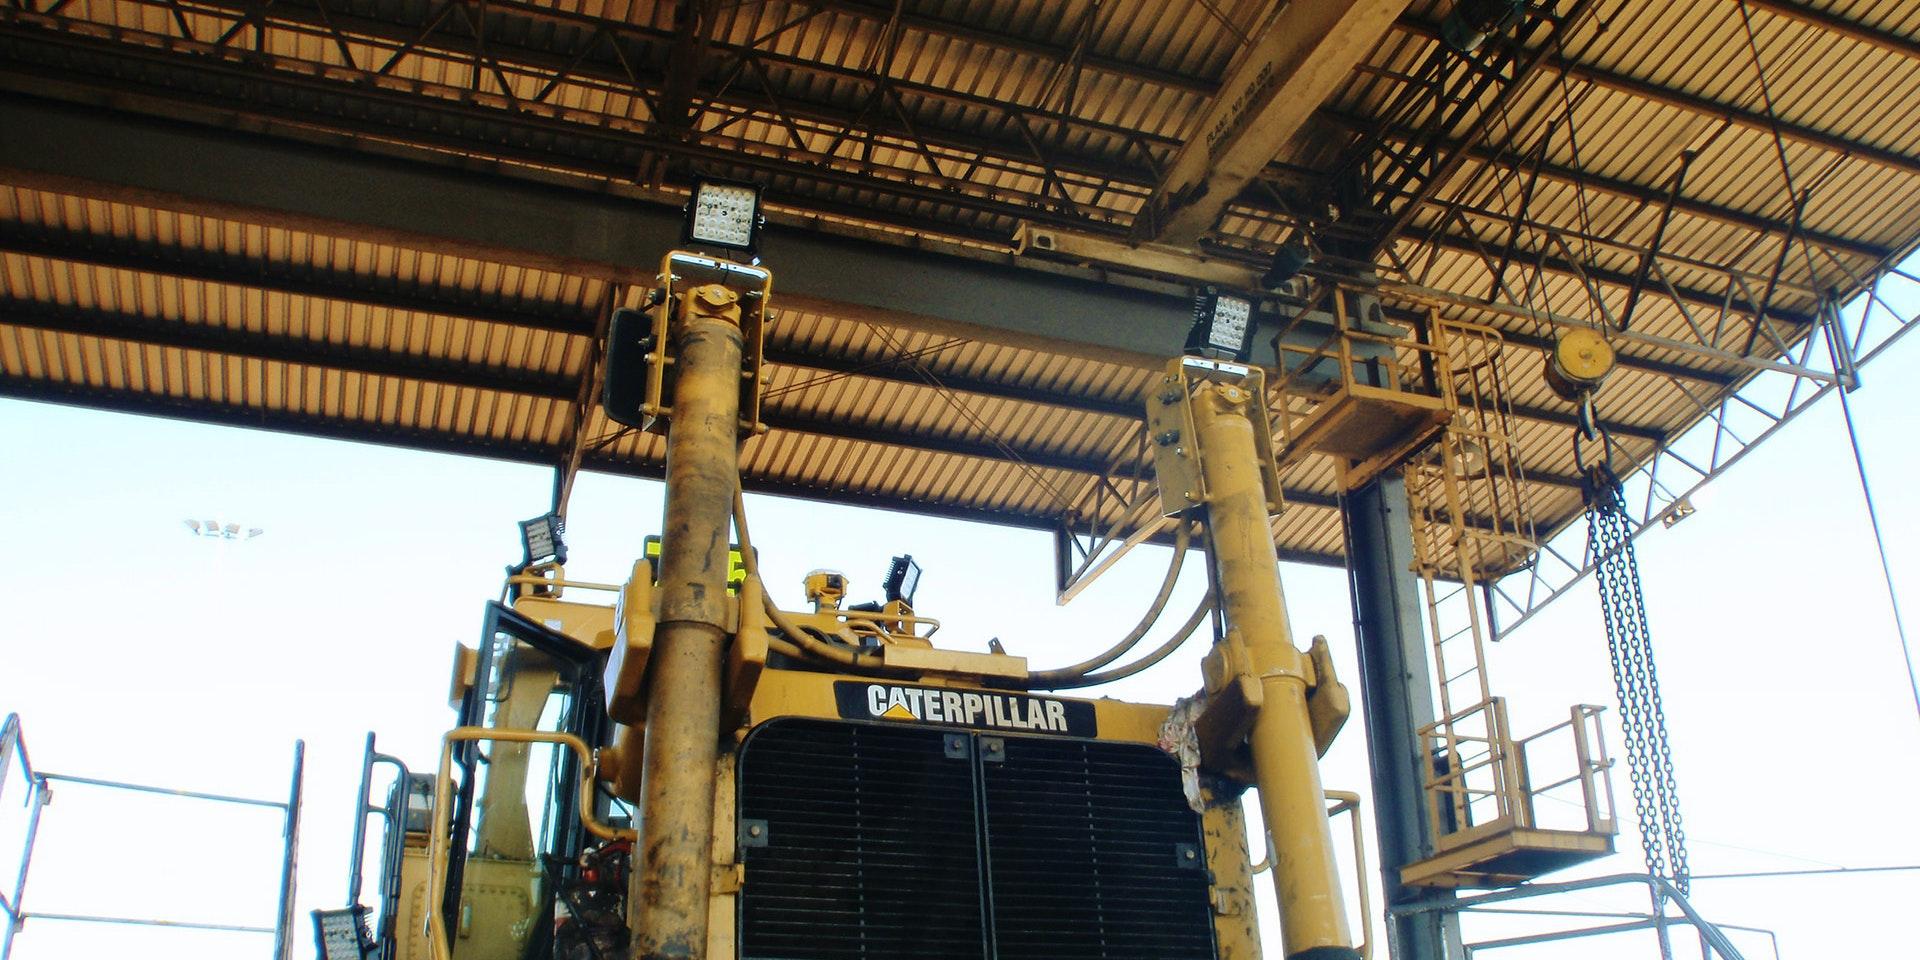 CP24 LED Flood Light in application, installed on Caterpillar D11 bulldozer / stockpile